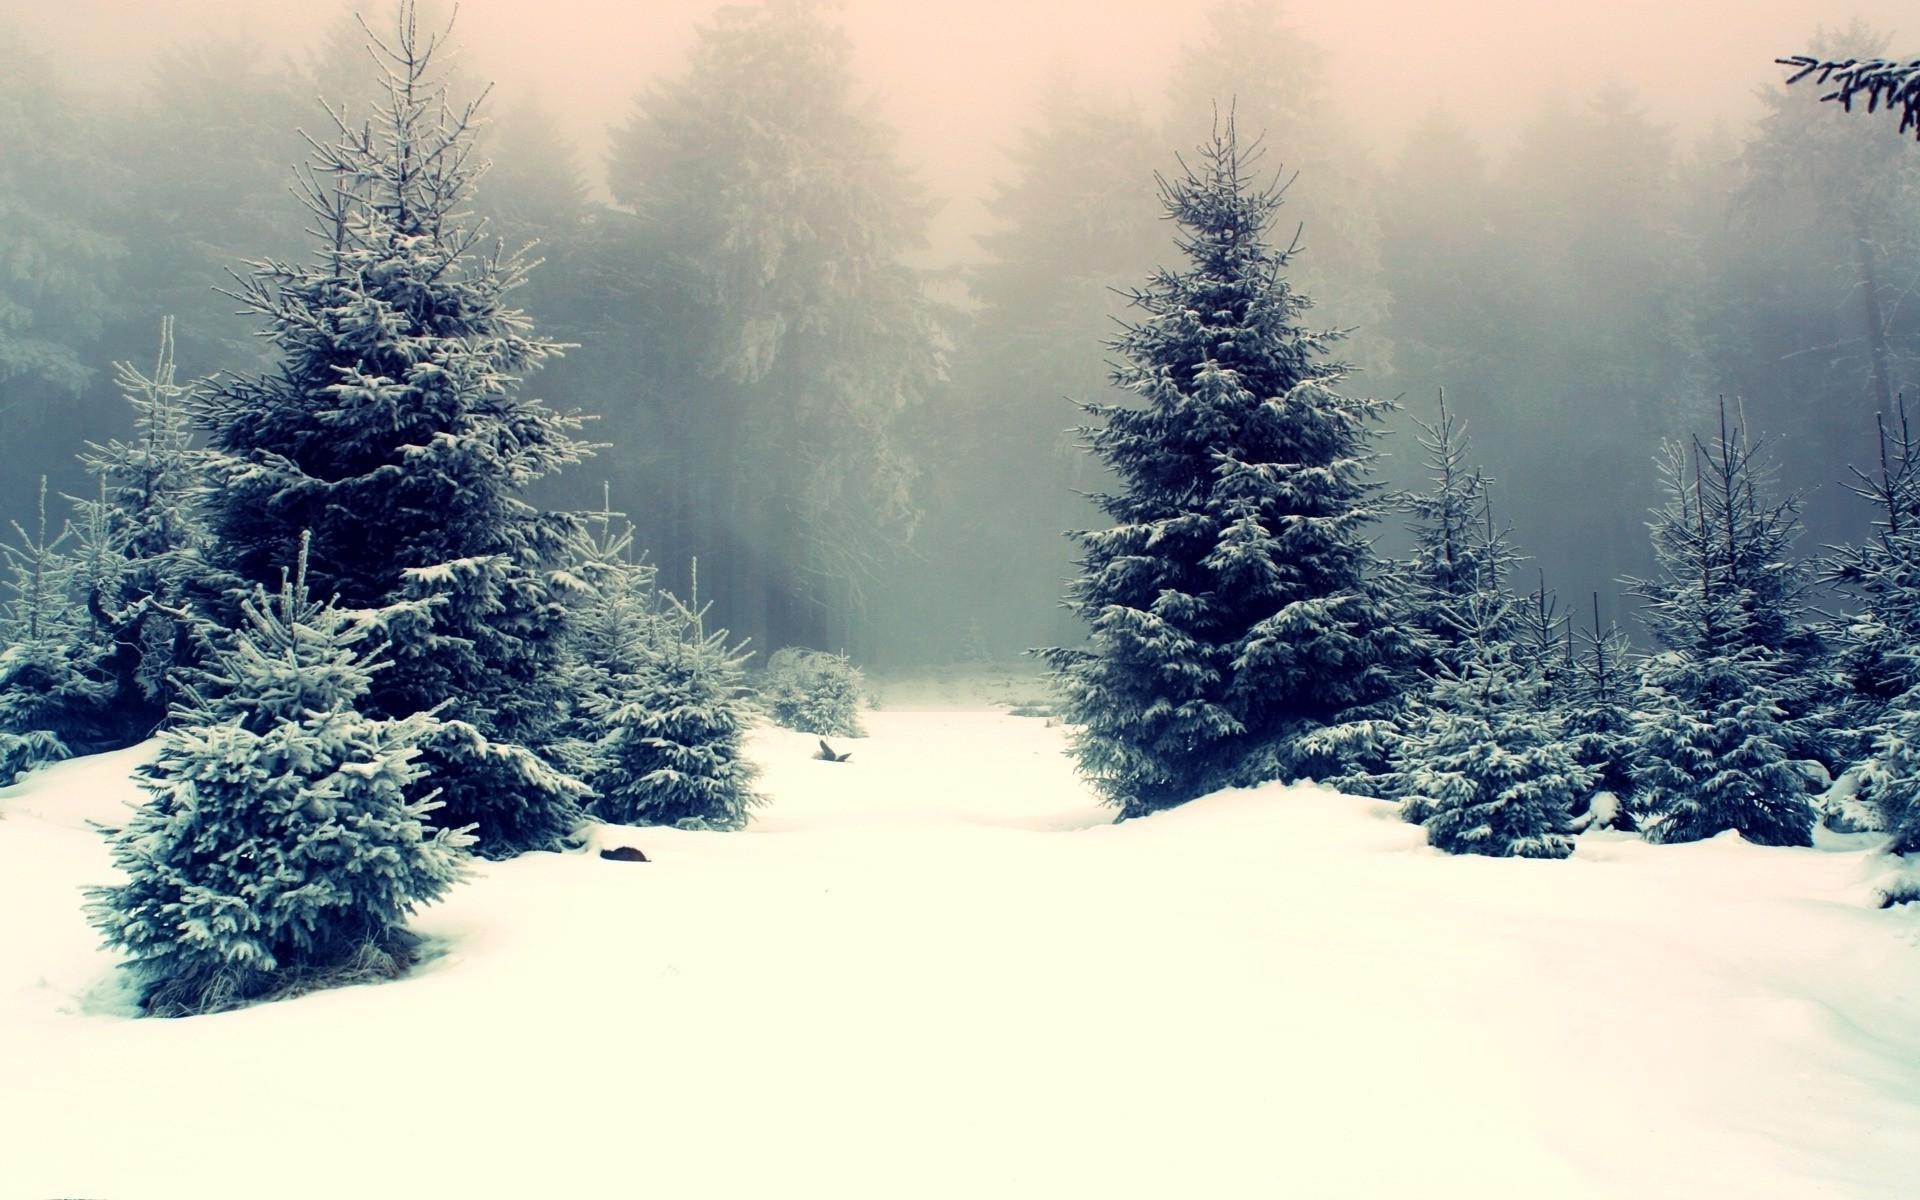 Snowy fir trees wallpaper 15631 1920x1200